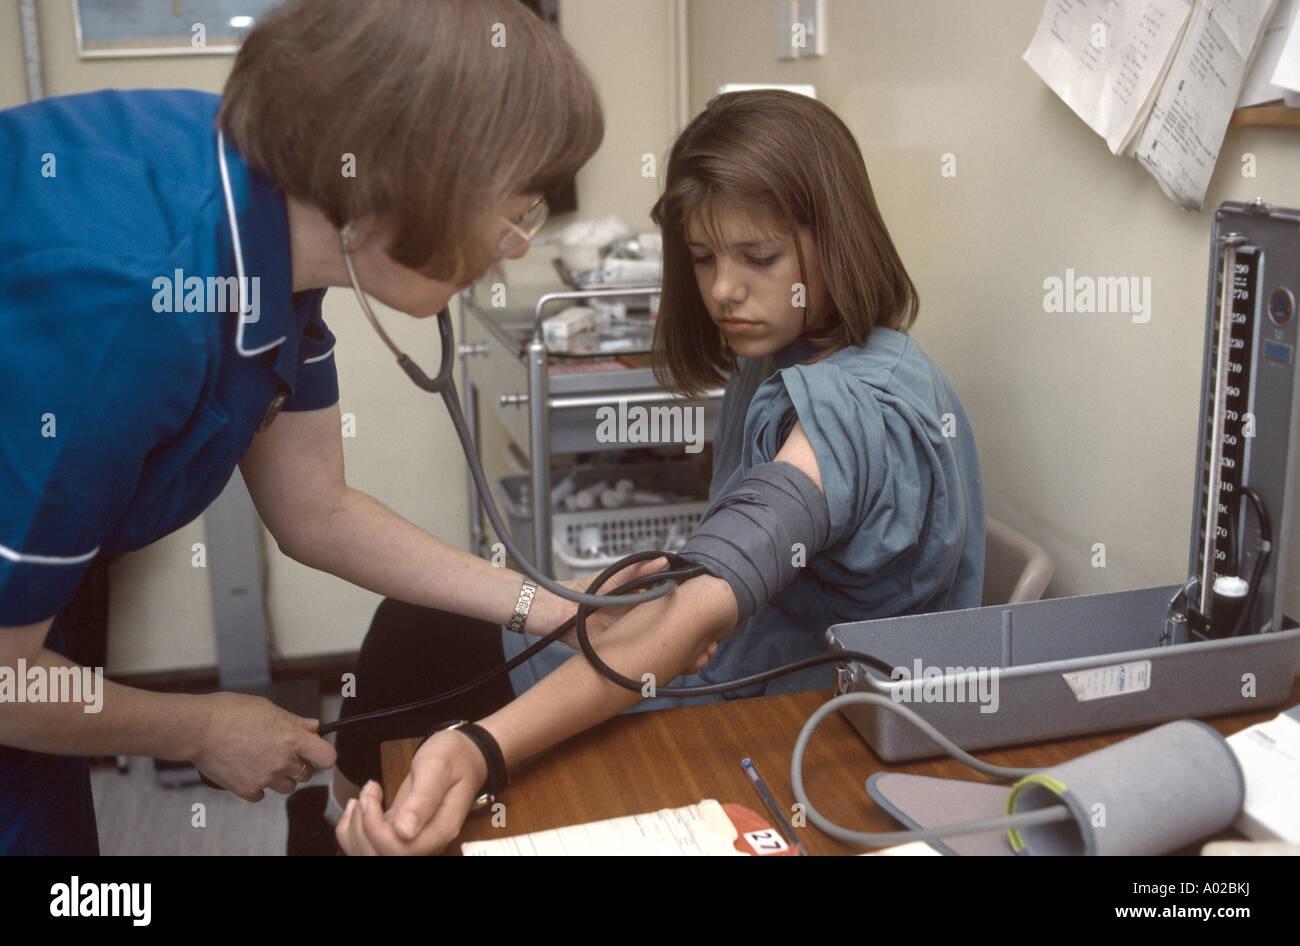 Beste Krankenschwester Nehmen Zielprobe Wieder Auf Ideen - Beispiel ...